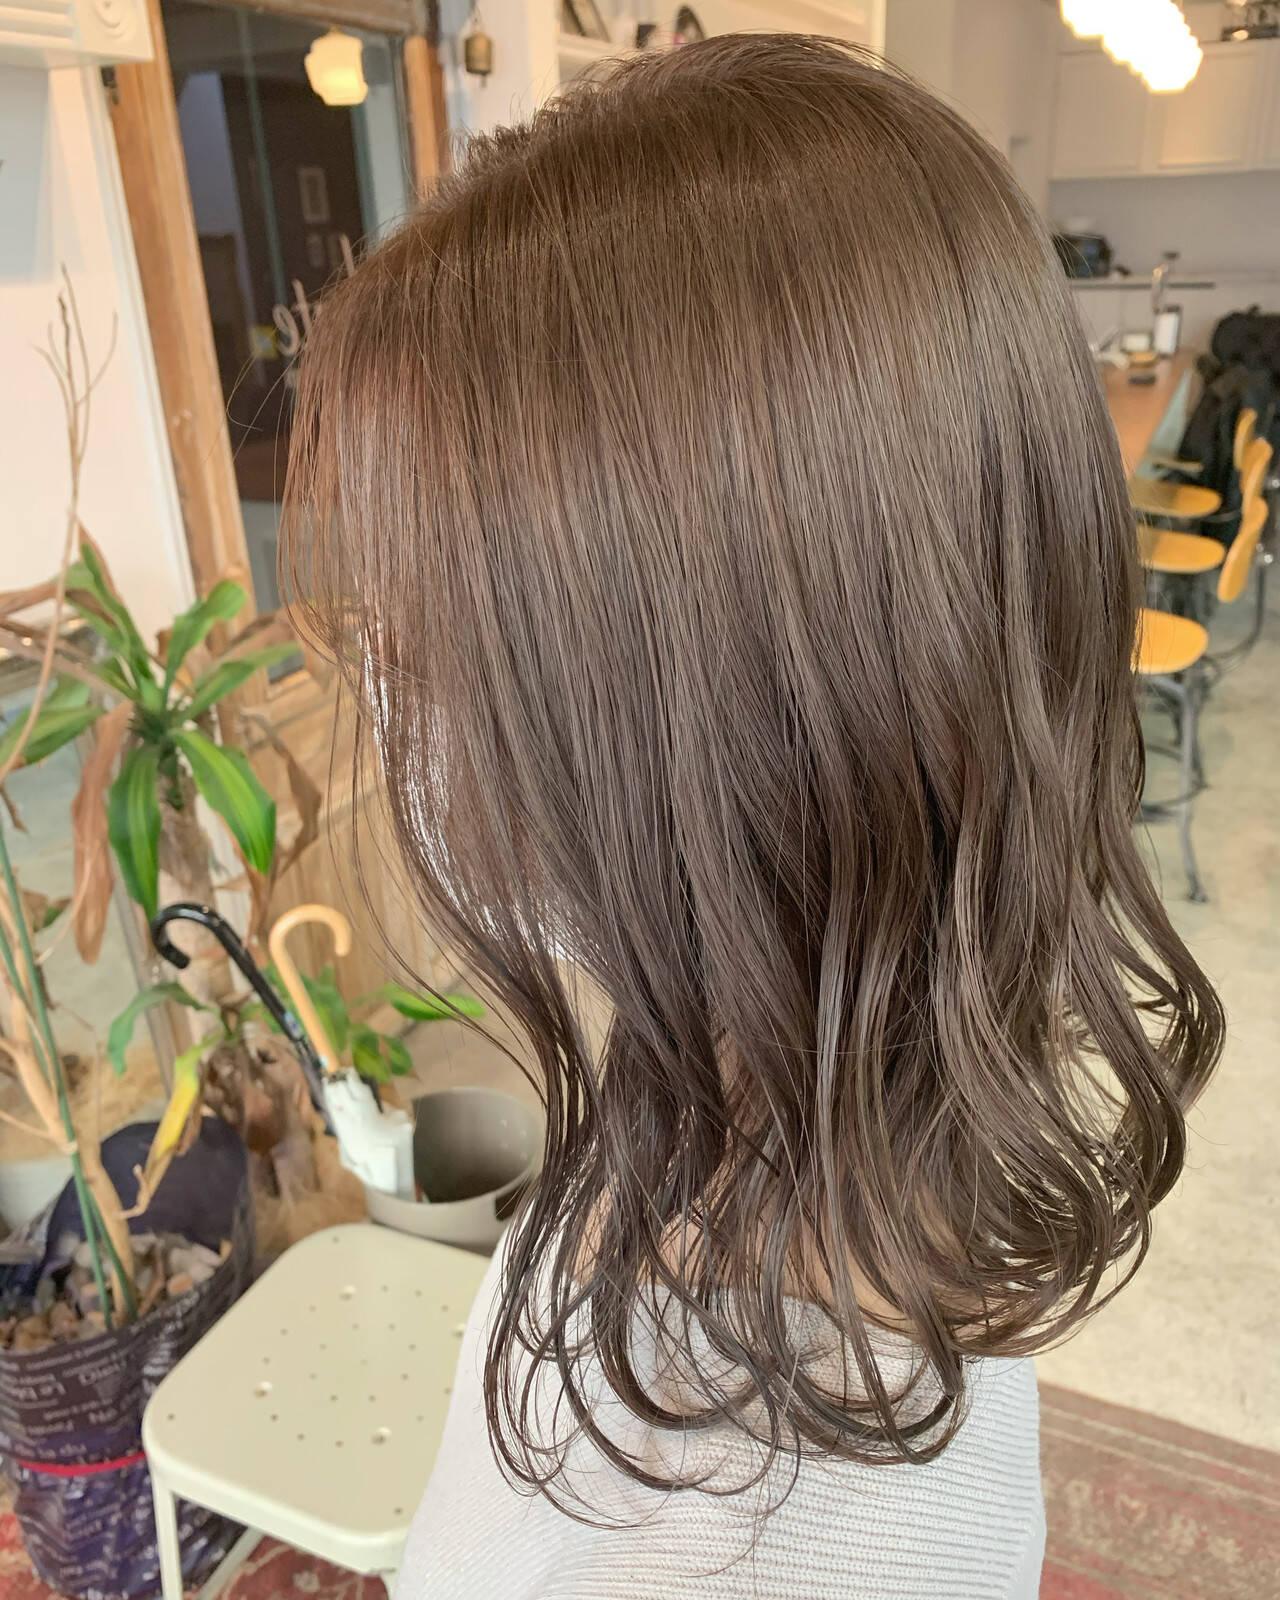 透明感カラー シアーベージュ ミディアム グレージュヘアスタイルや髪型の写真・画像